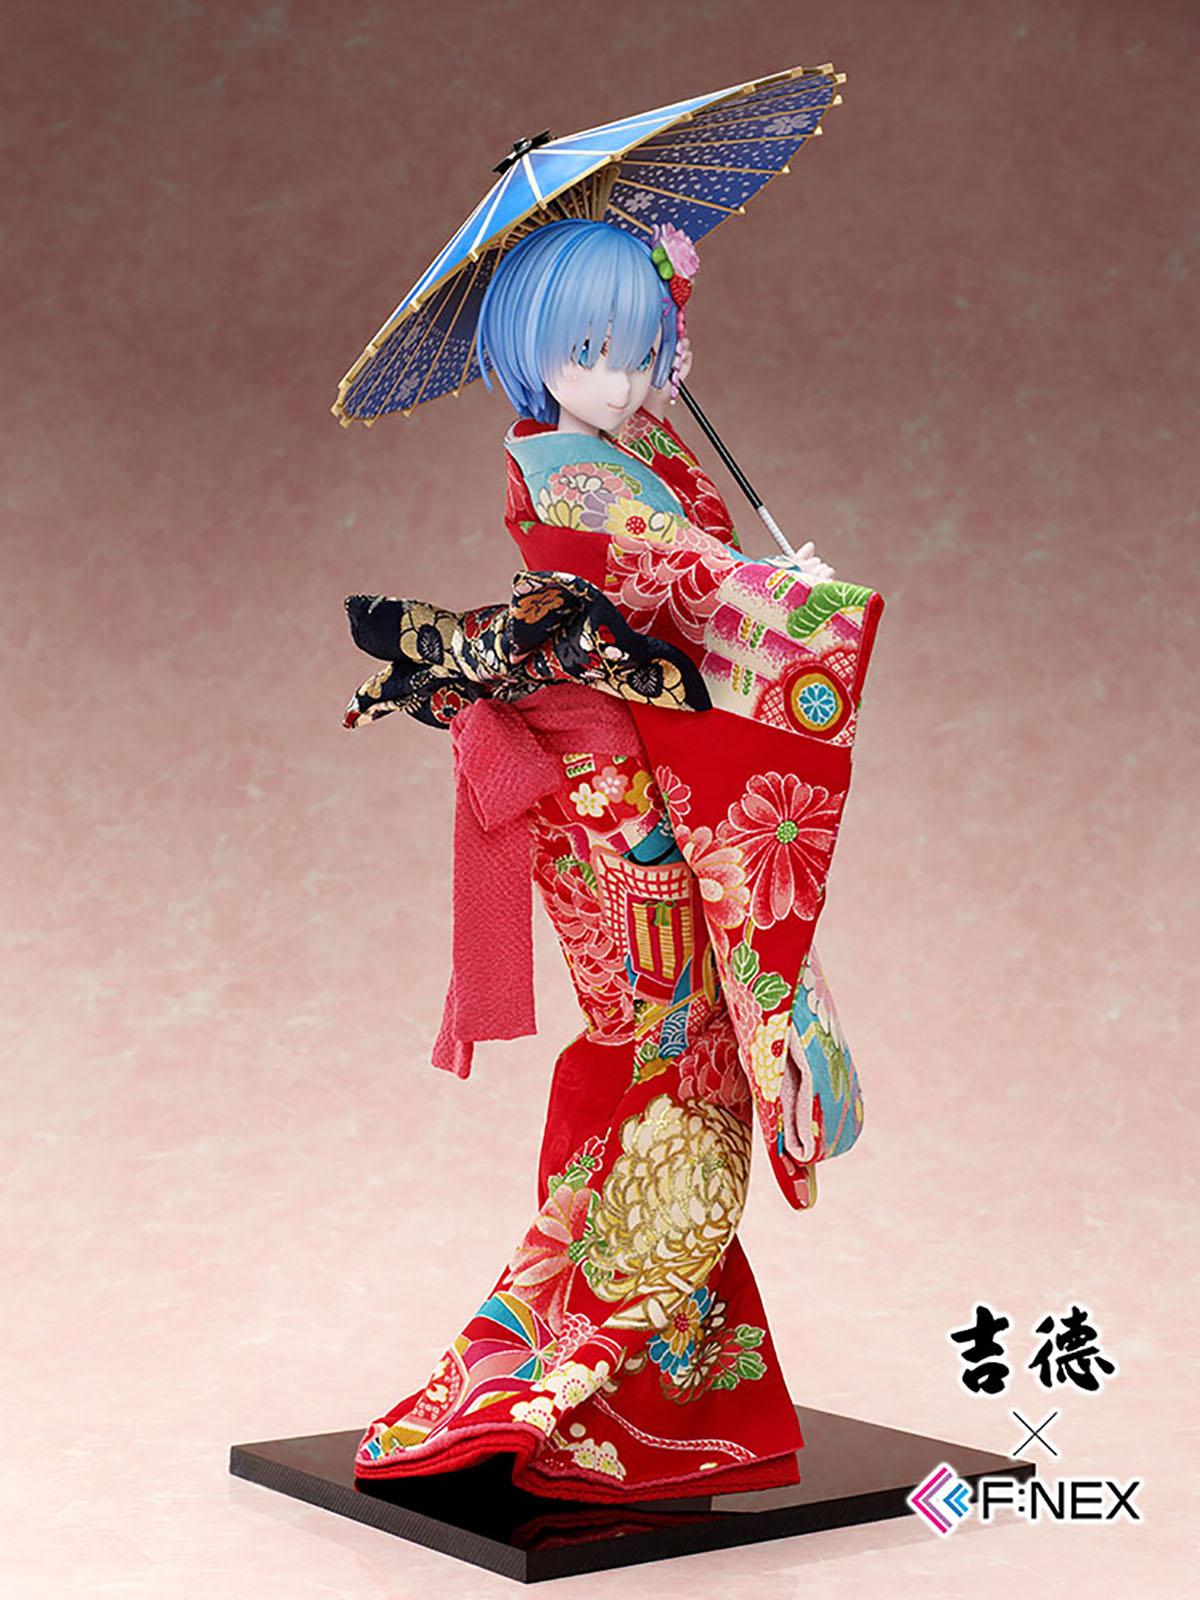 吉徳×F:NEX『レム -日本人形-』Re:ゼロから始める異世界生活 1/4 美少女フィギュア-006